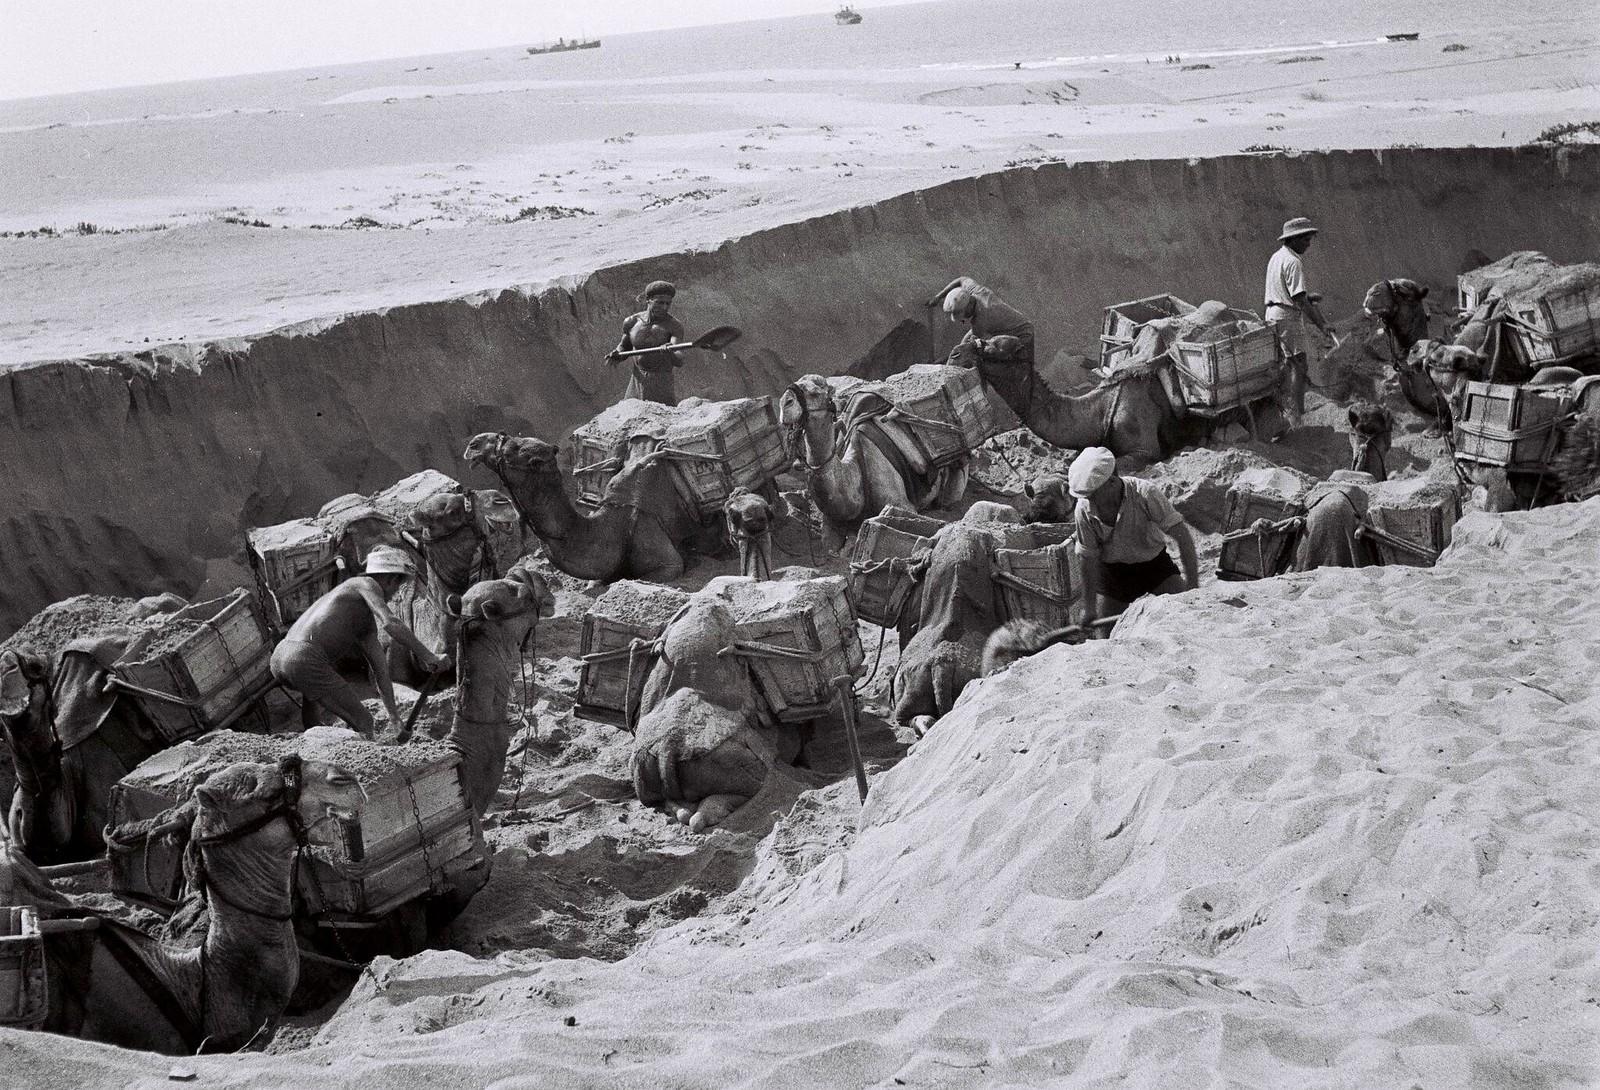 20. Еврейские рабочие загружают гравий с морского берега на вьючных верблюдов для перевозки на строительные площадки 1 августа в Бат-Яме